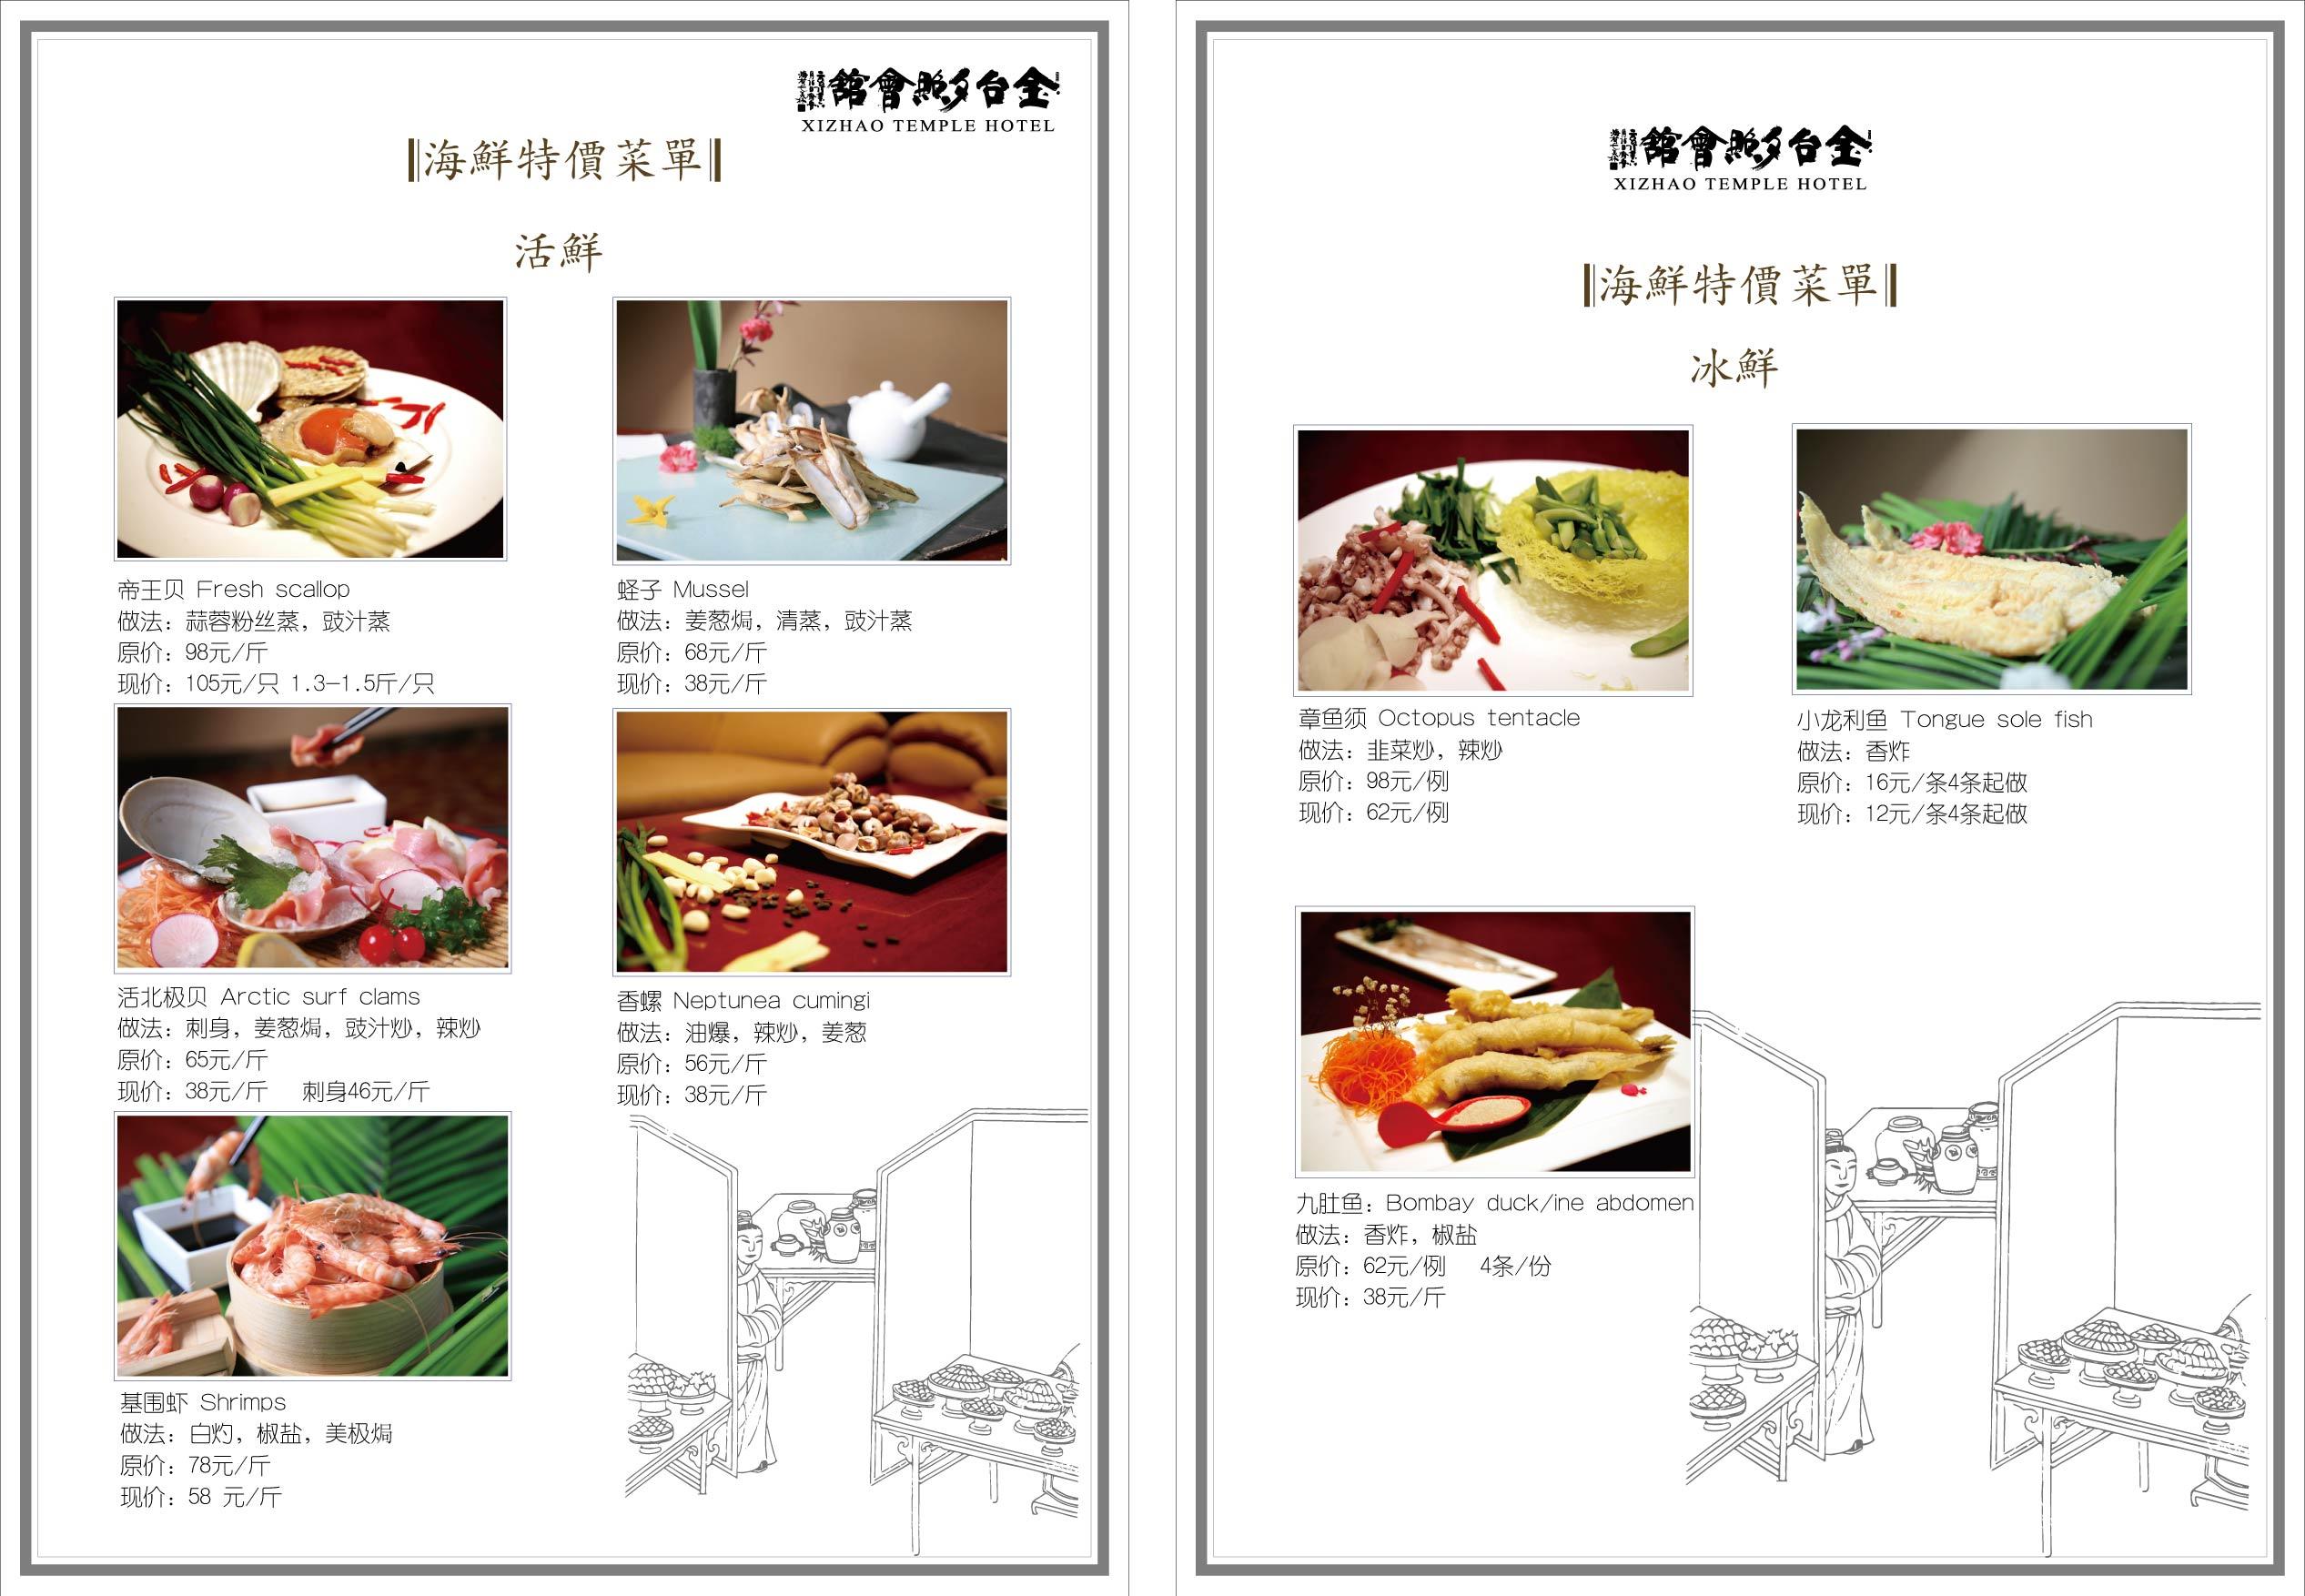 餐饮部制作海鲜推广菜单